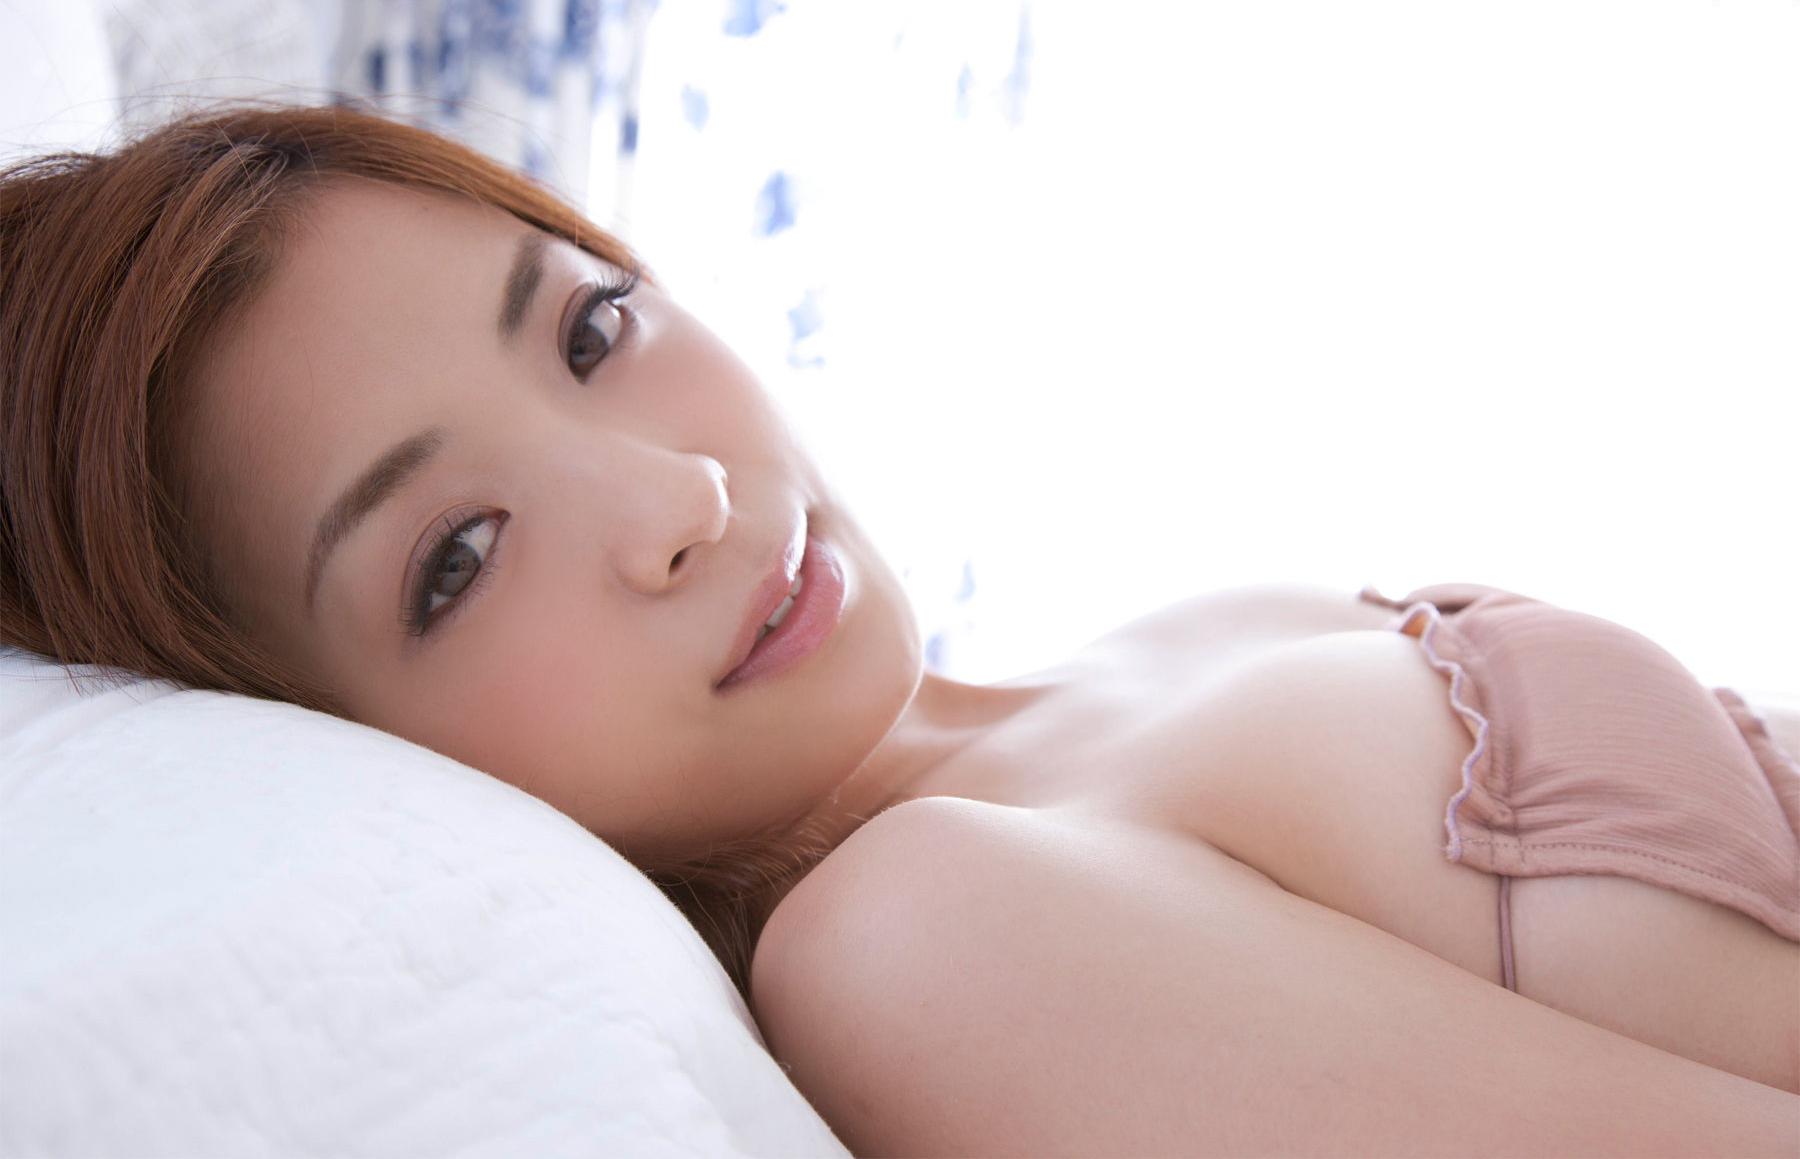 和田絵莉 画像 43